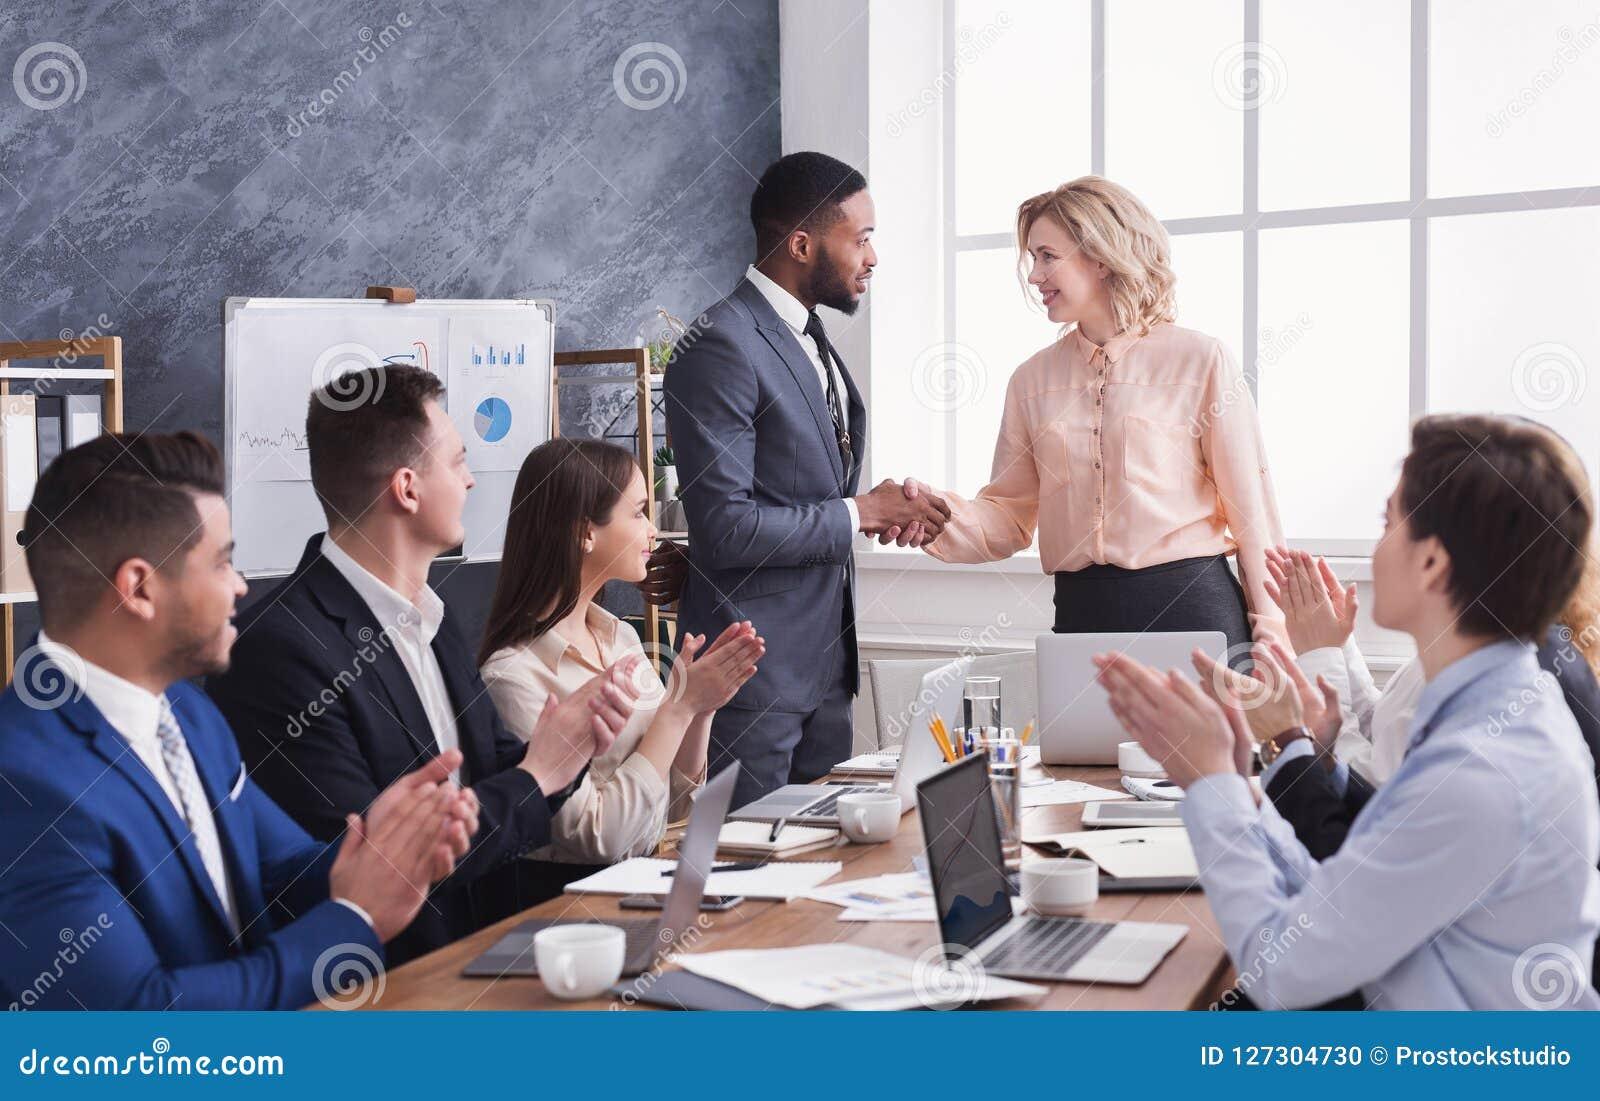 Grupa rozochoceni ludzie biznesu siedzi przy spotkaniem